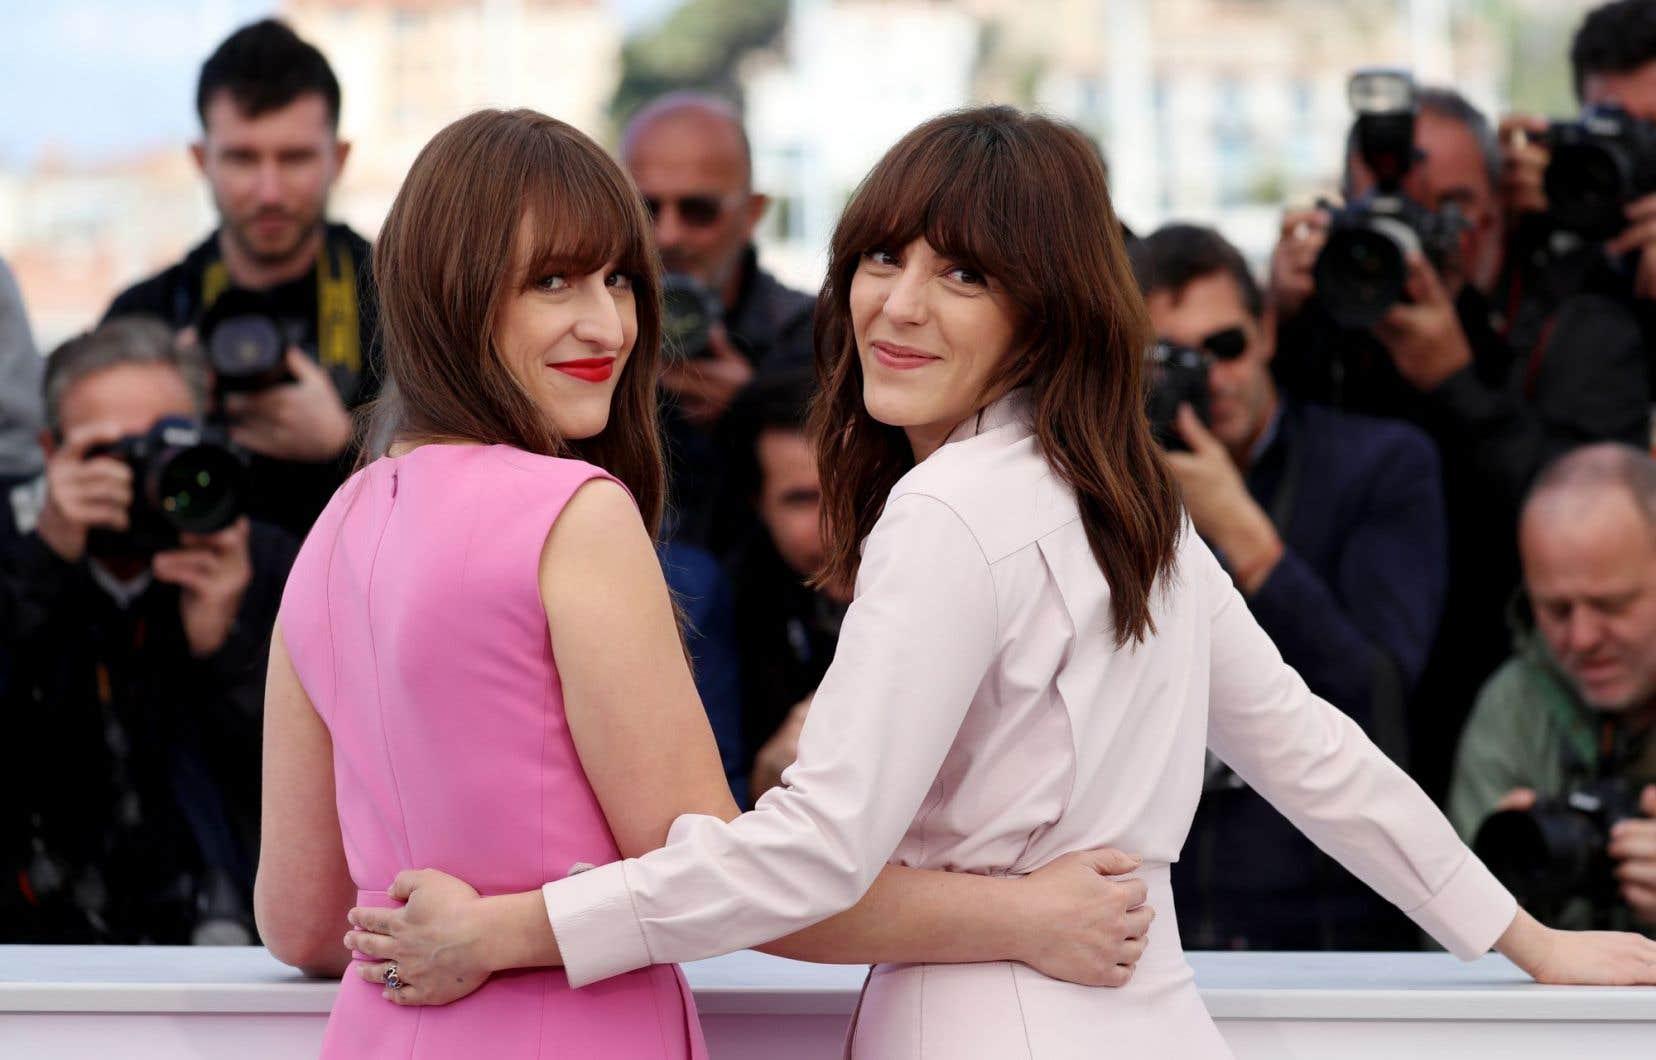 La cinéaste Monia Chokri a vu son travail salué par la classe politique québécoise. Elle est, sur cette photo, accompagnée de l'actrice Anne-Élisabeth Bossé (à gauche).